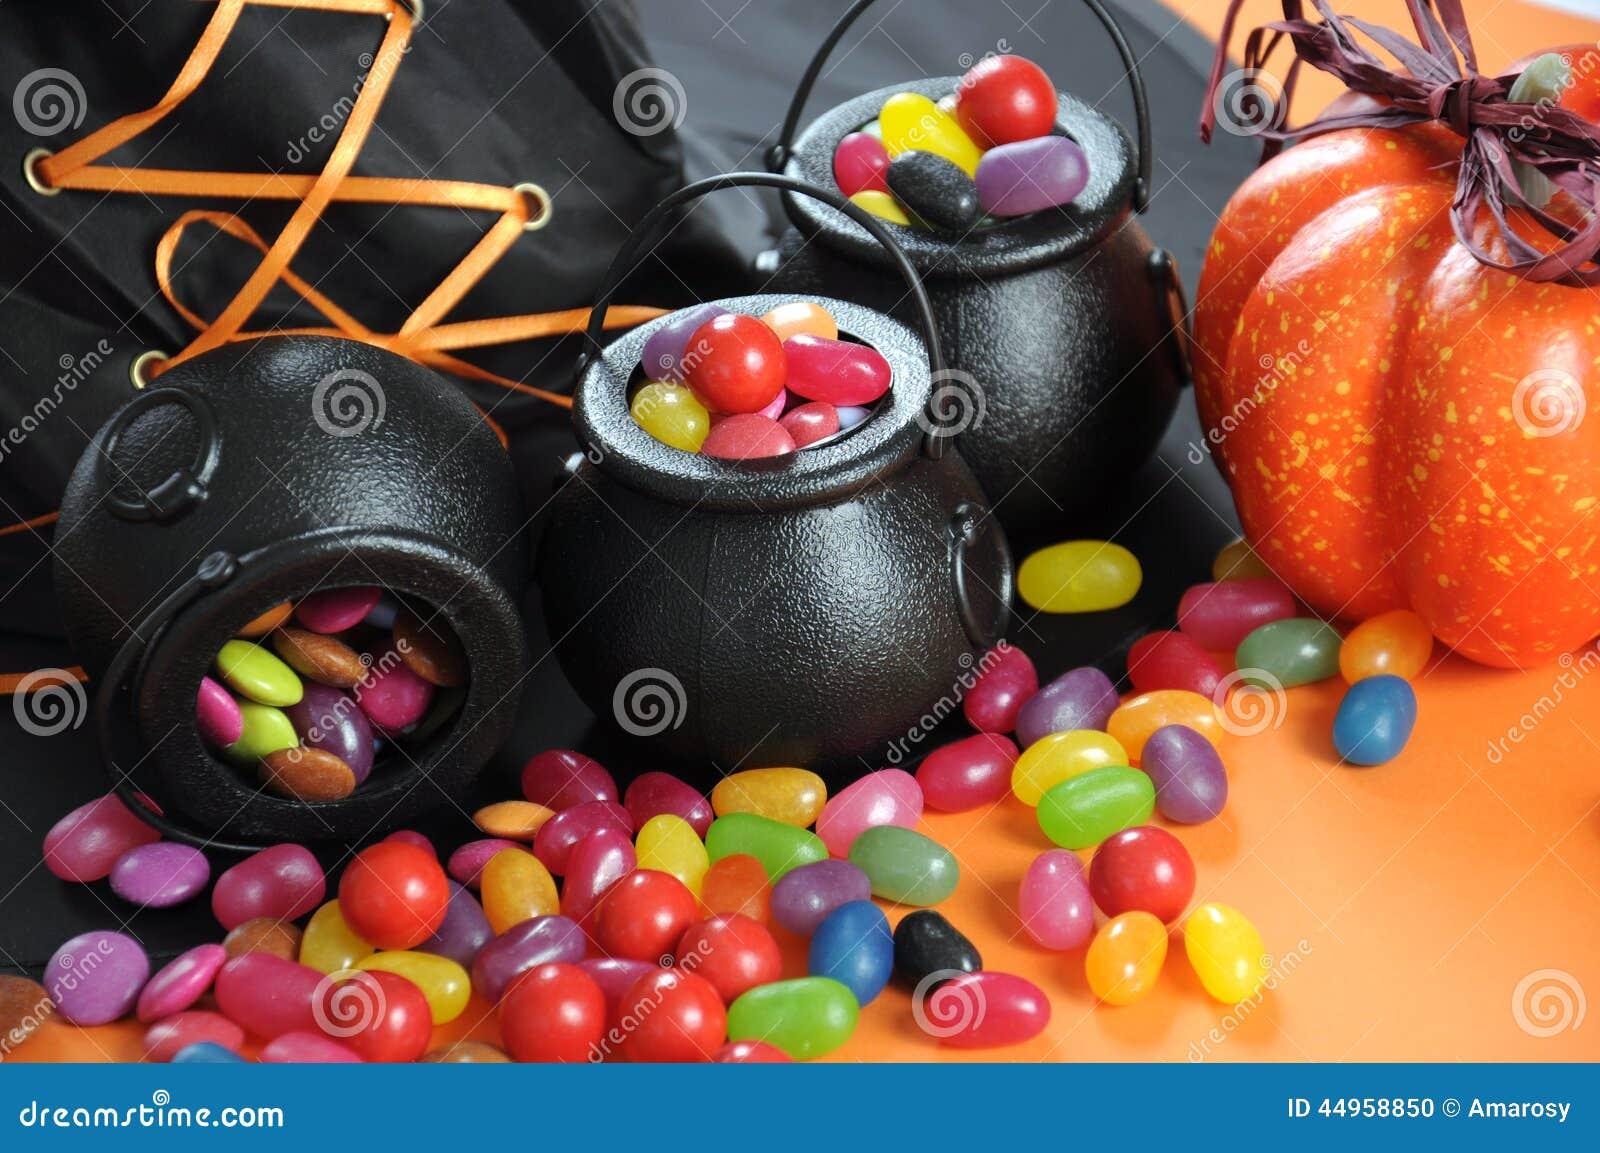 Halloween-Süßigkeit Herein Tragen Süßes Sonst Gibt\'s Saures ...